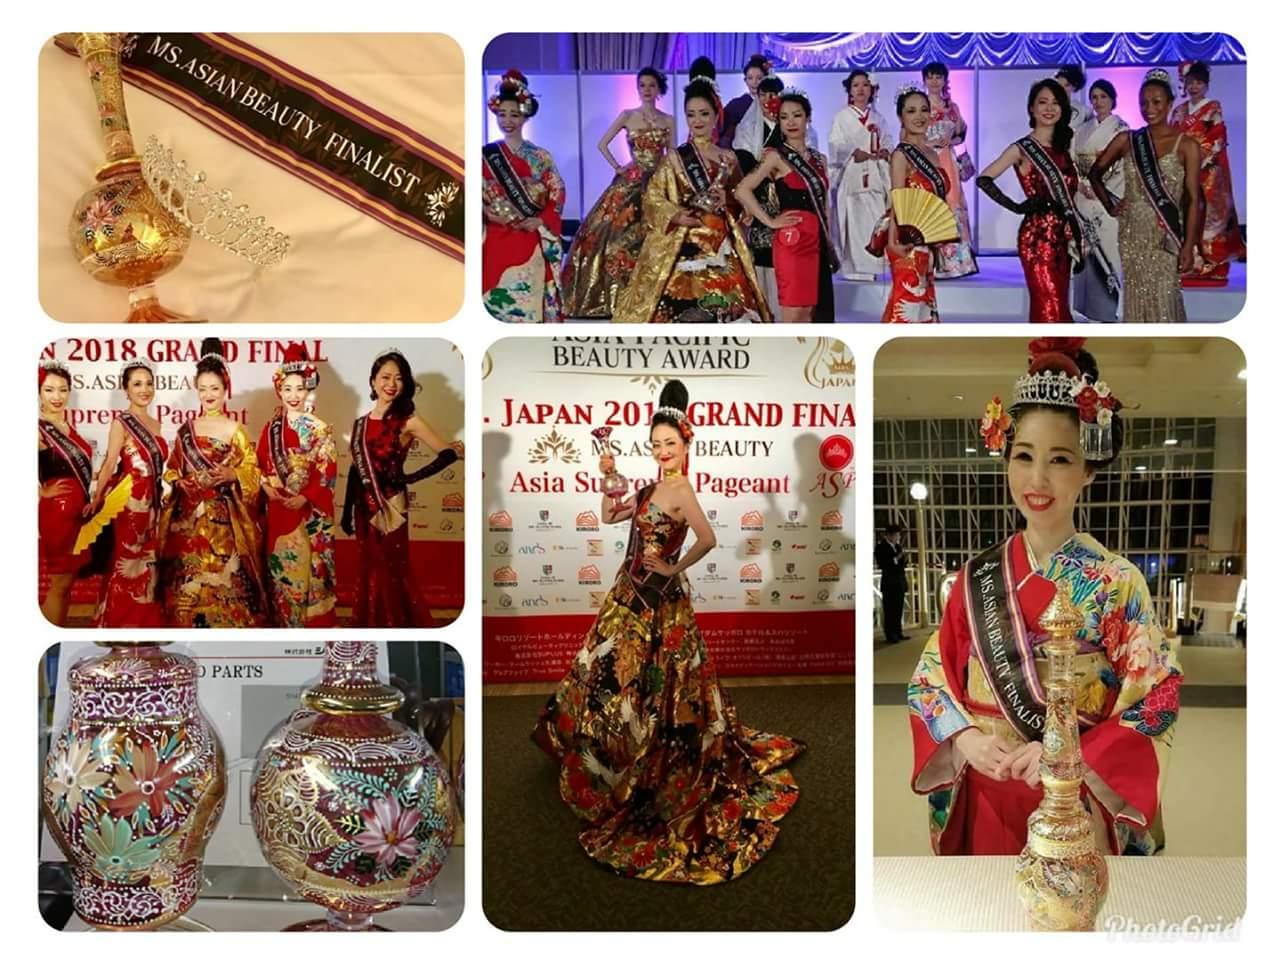 Ms.Asian beauty トロフィー(エジプトガラス)